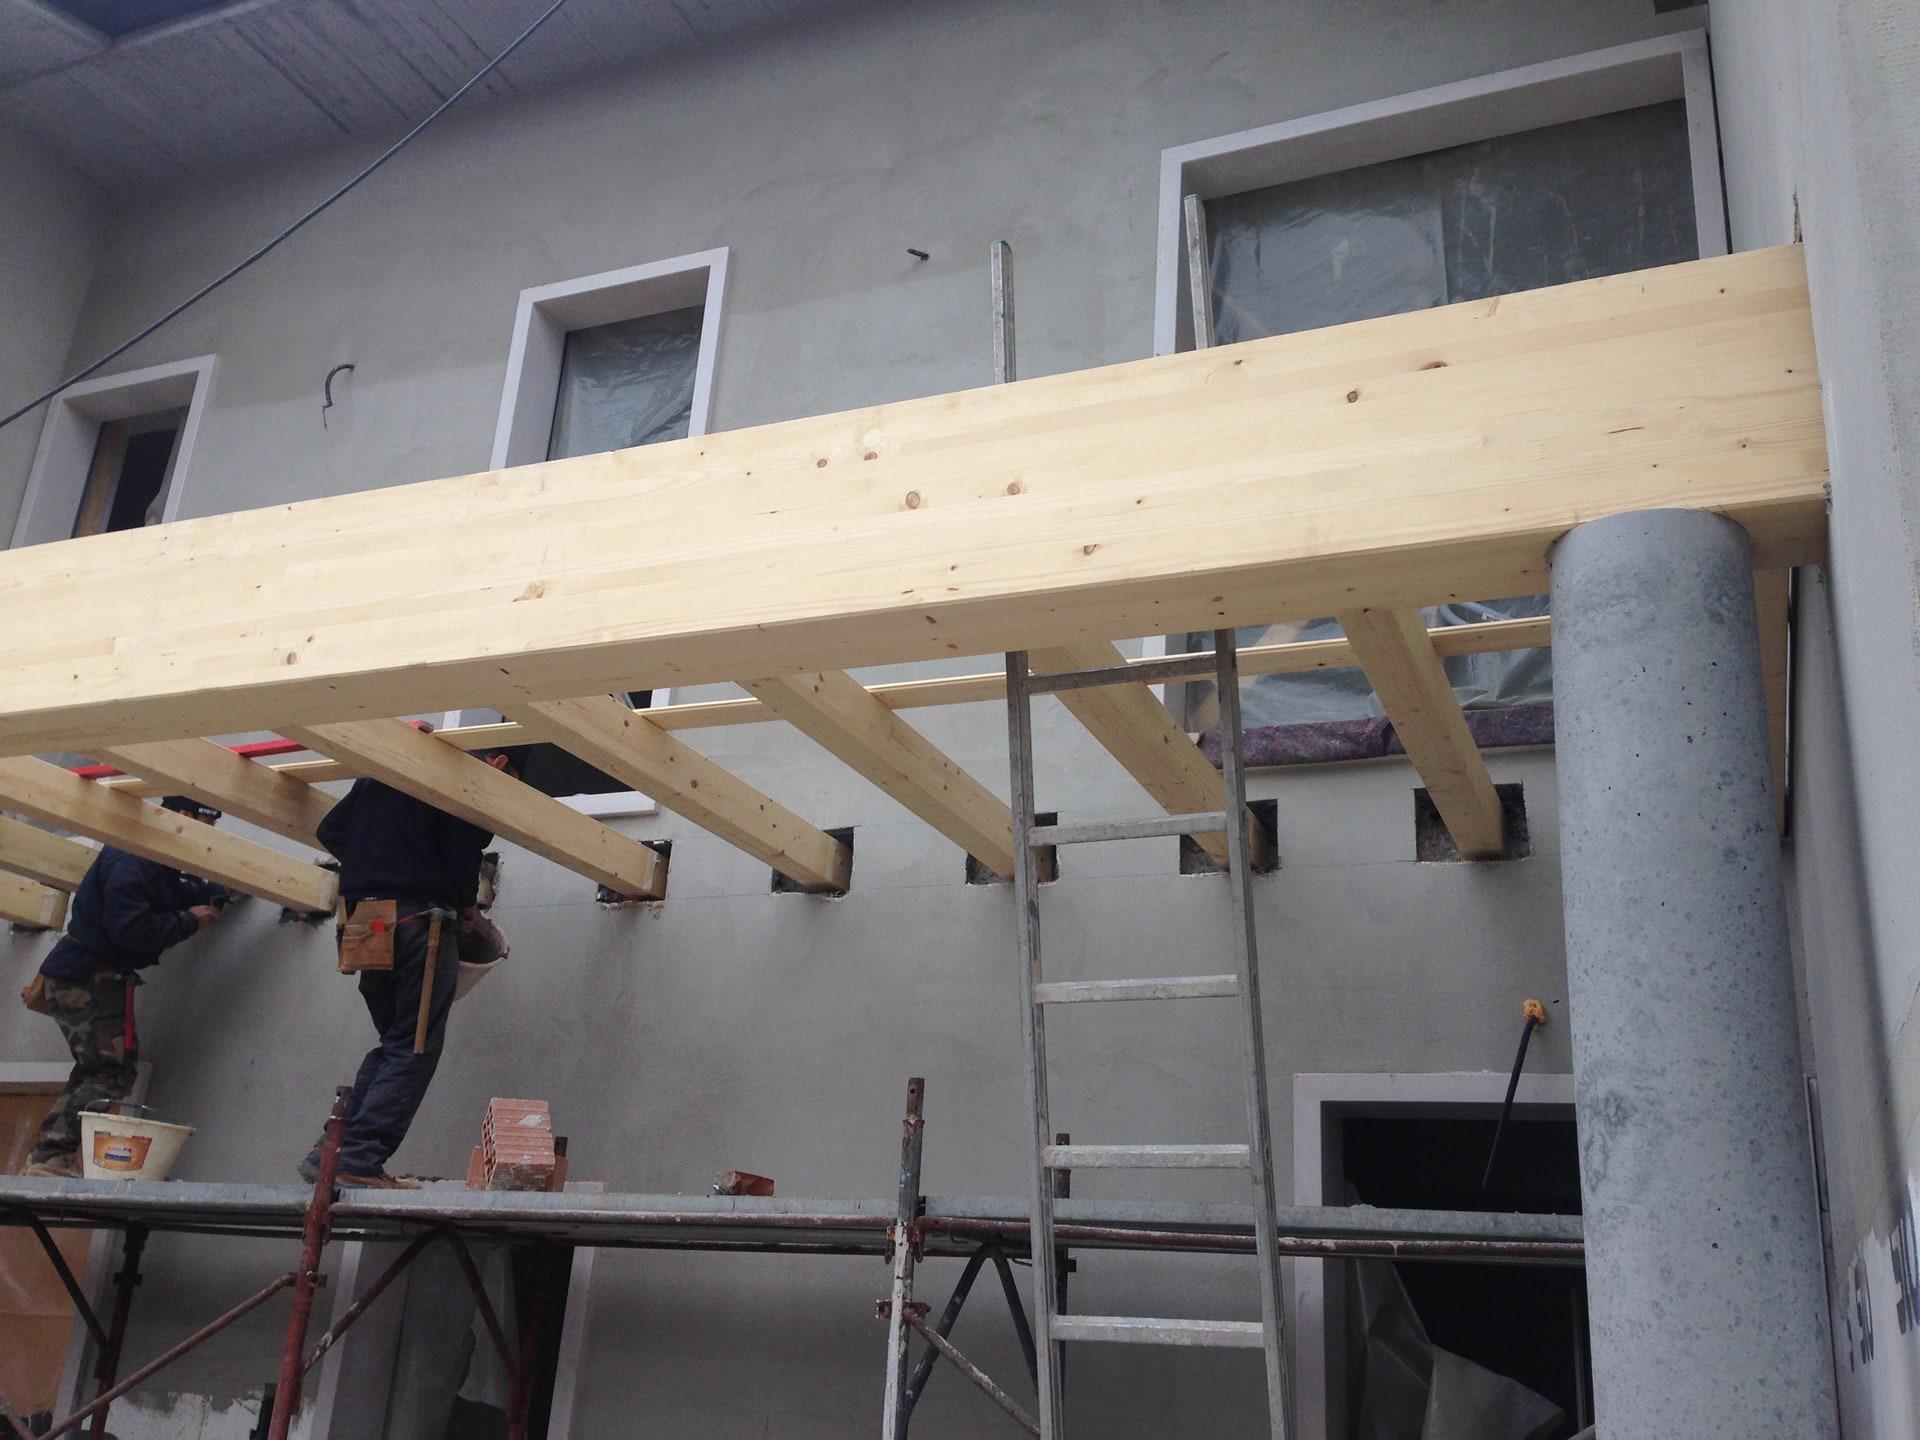 ampliamento-ristrutturazione-fabbricato-residenziale_2